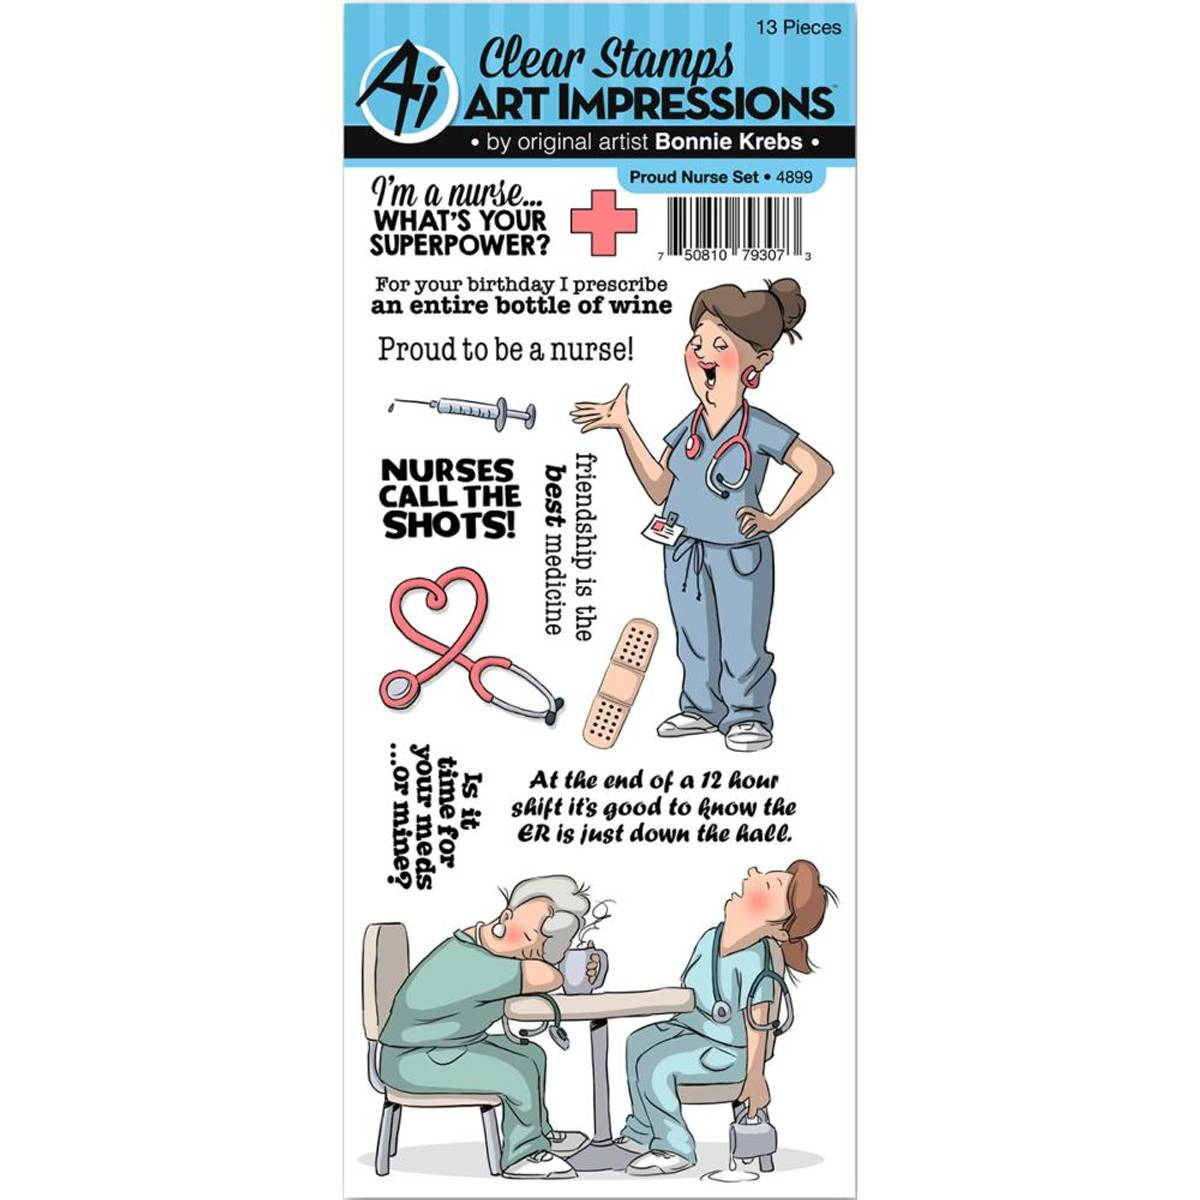 Proud Nurse